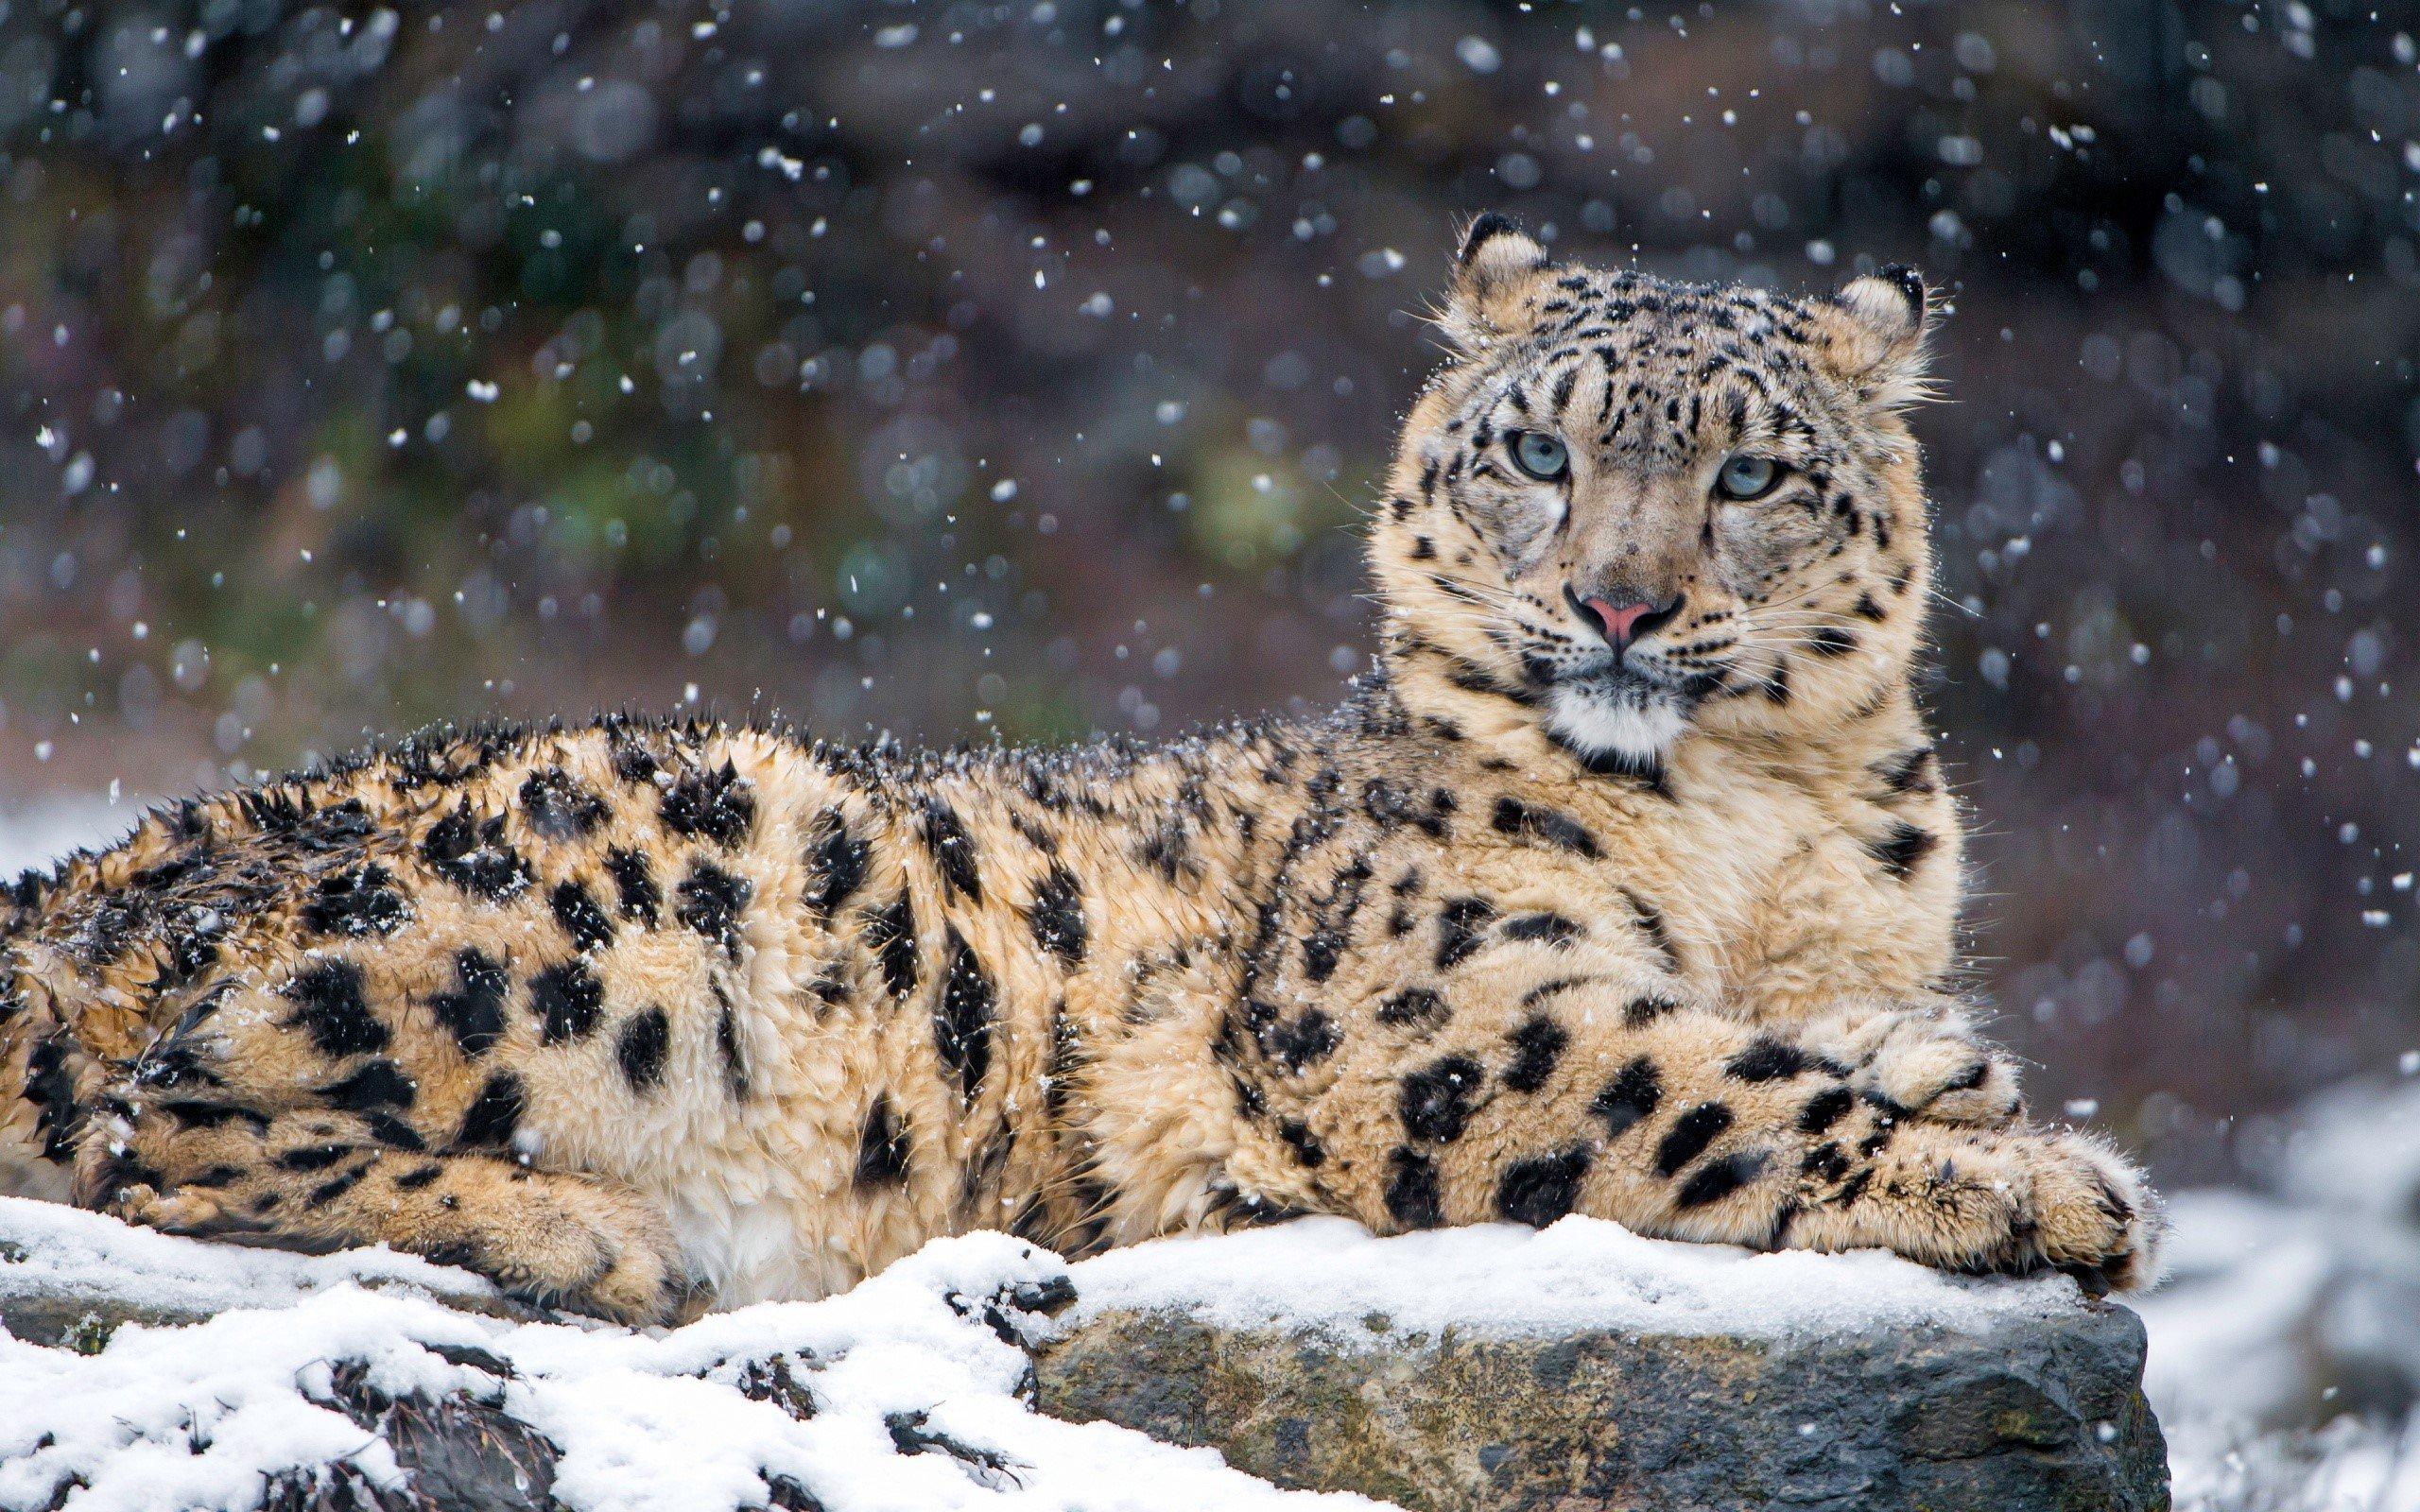 Fondos de pantalla Leopardo en la nieve